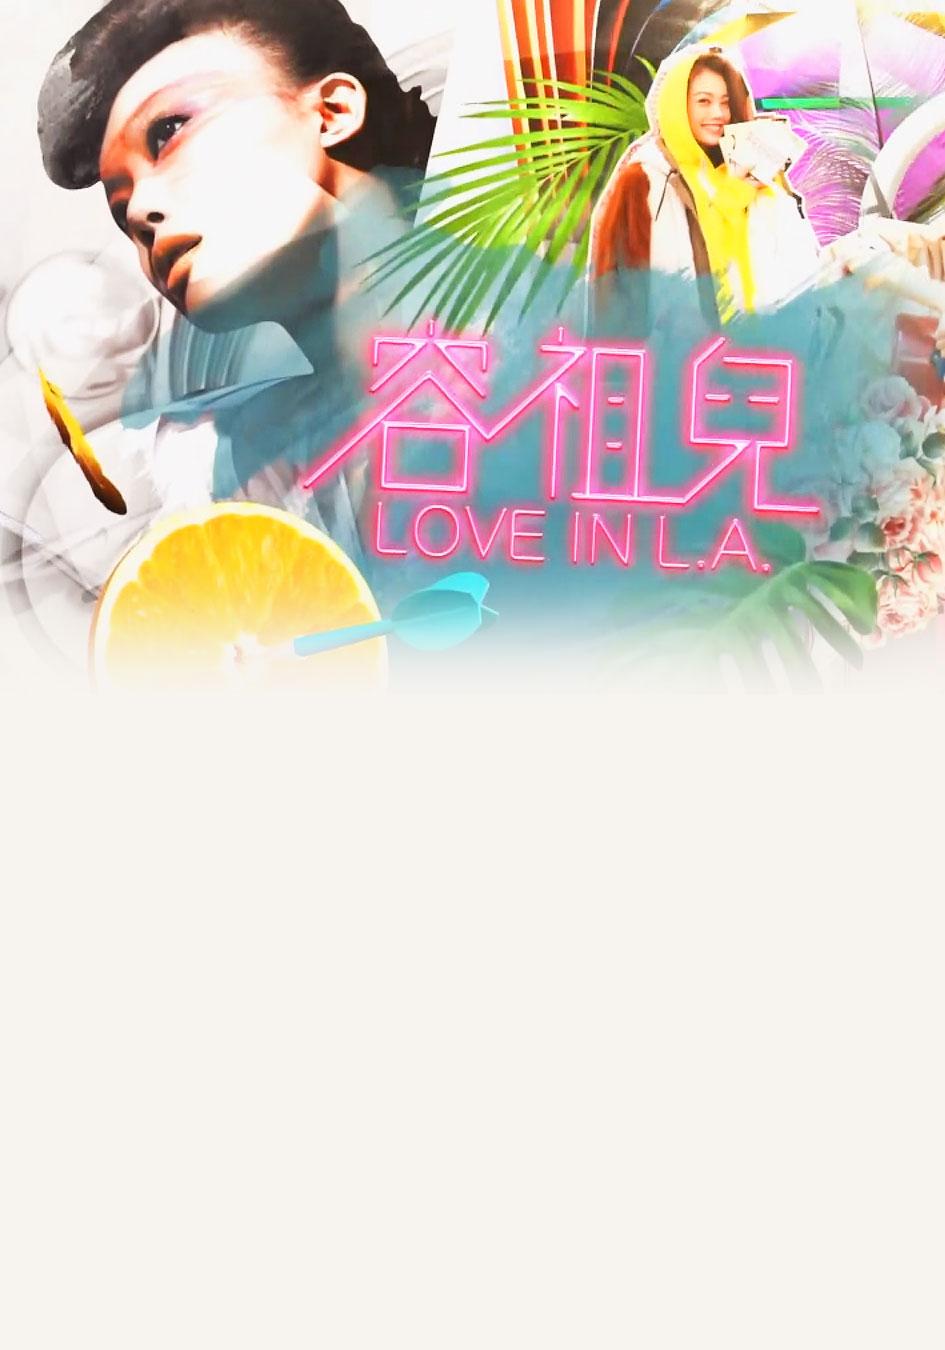 容祖兒Love in L.A.-Joey Yung Special